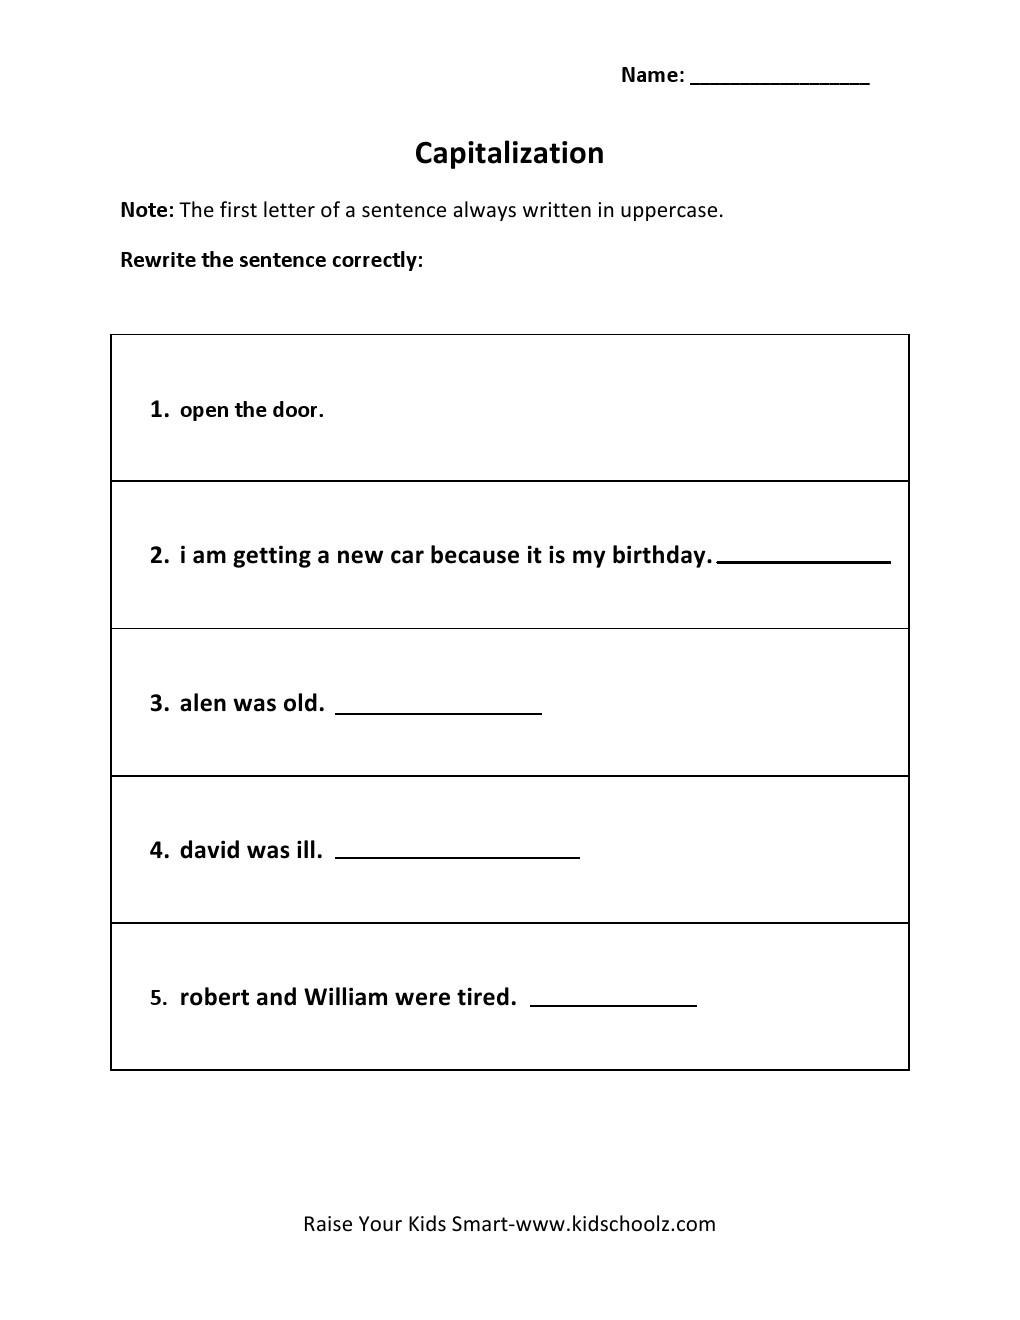 Worksheets Capitalization Worksheet grade 5 capitalization worksheet 3 kidschoolz worksheet